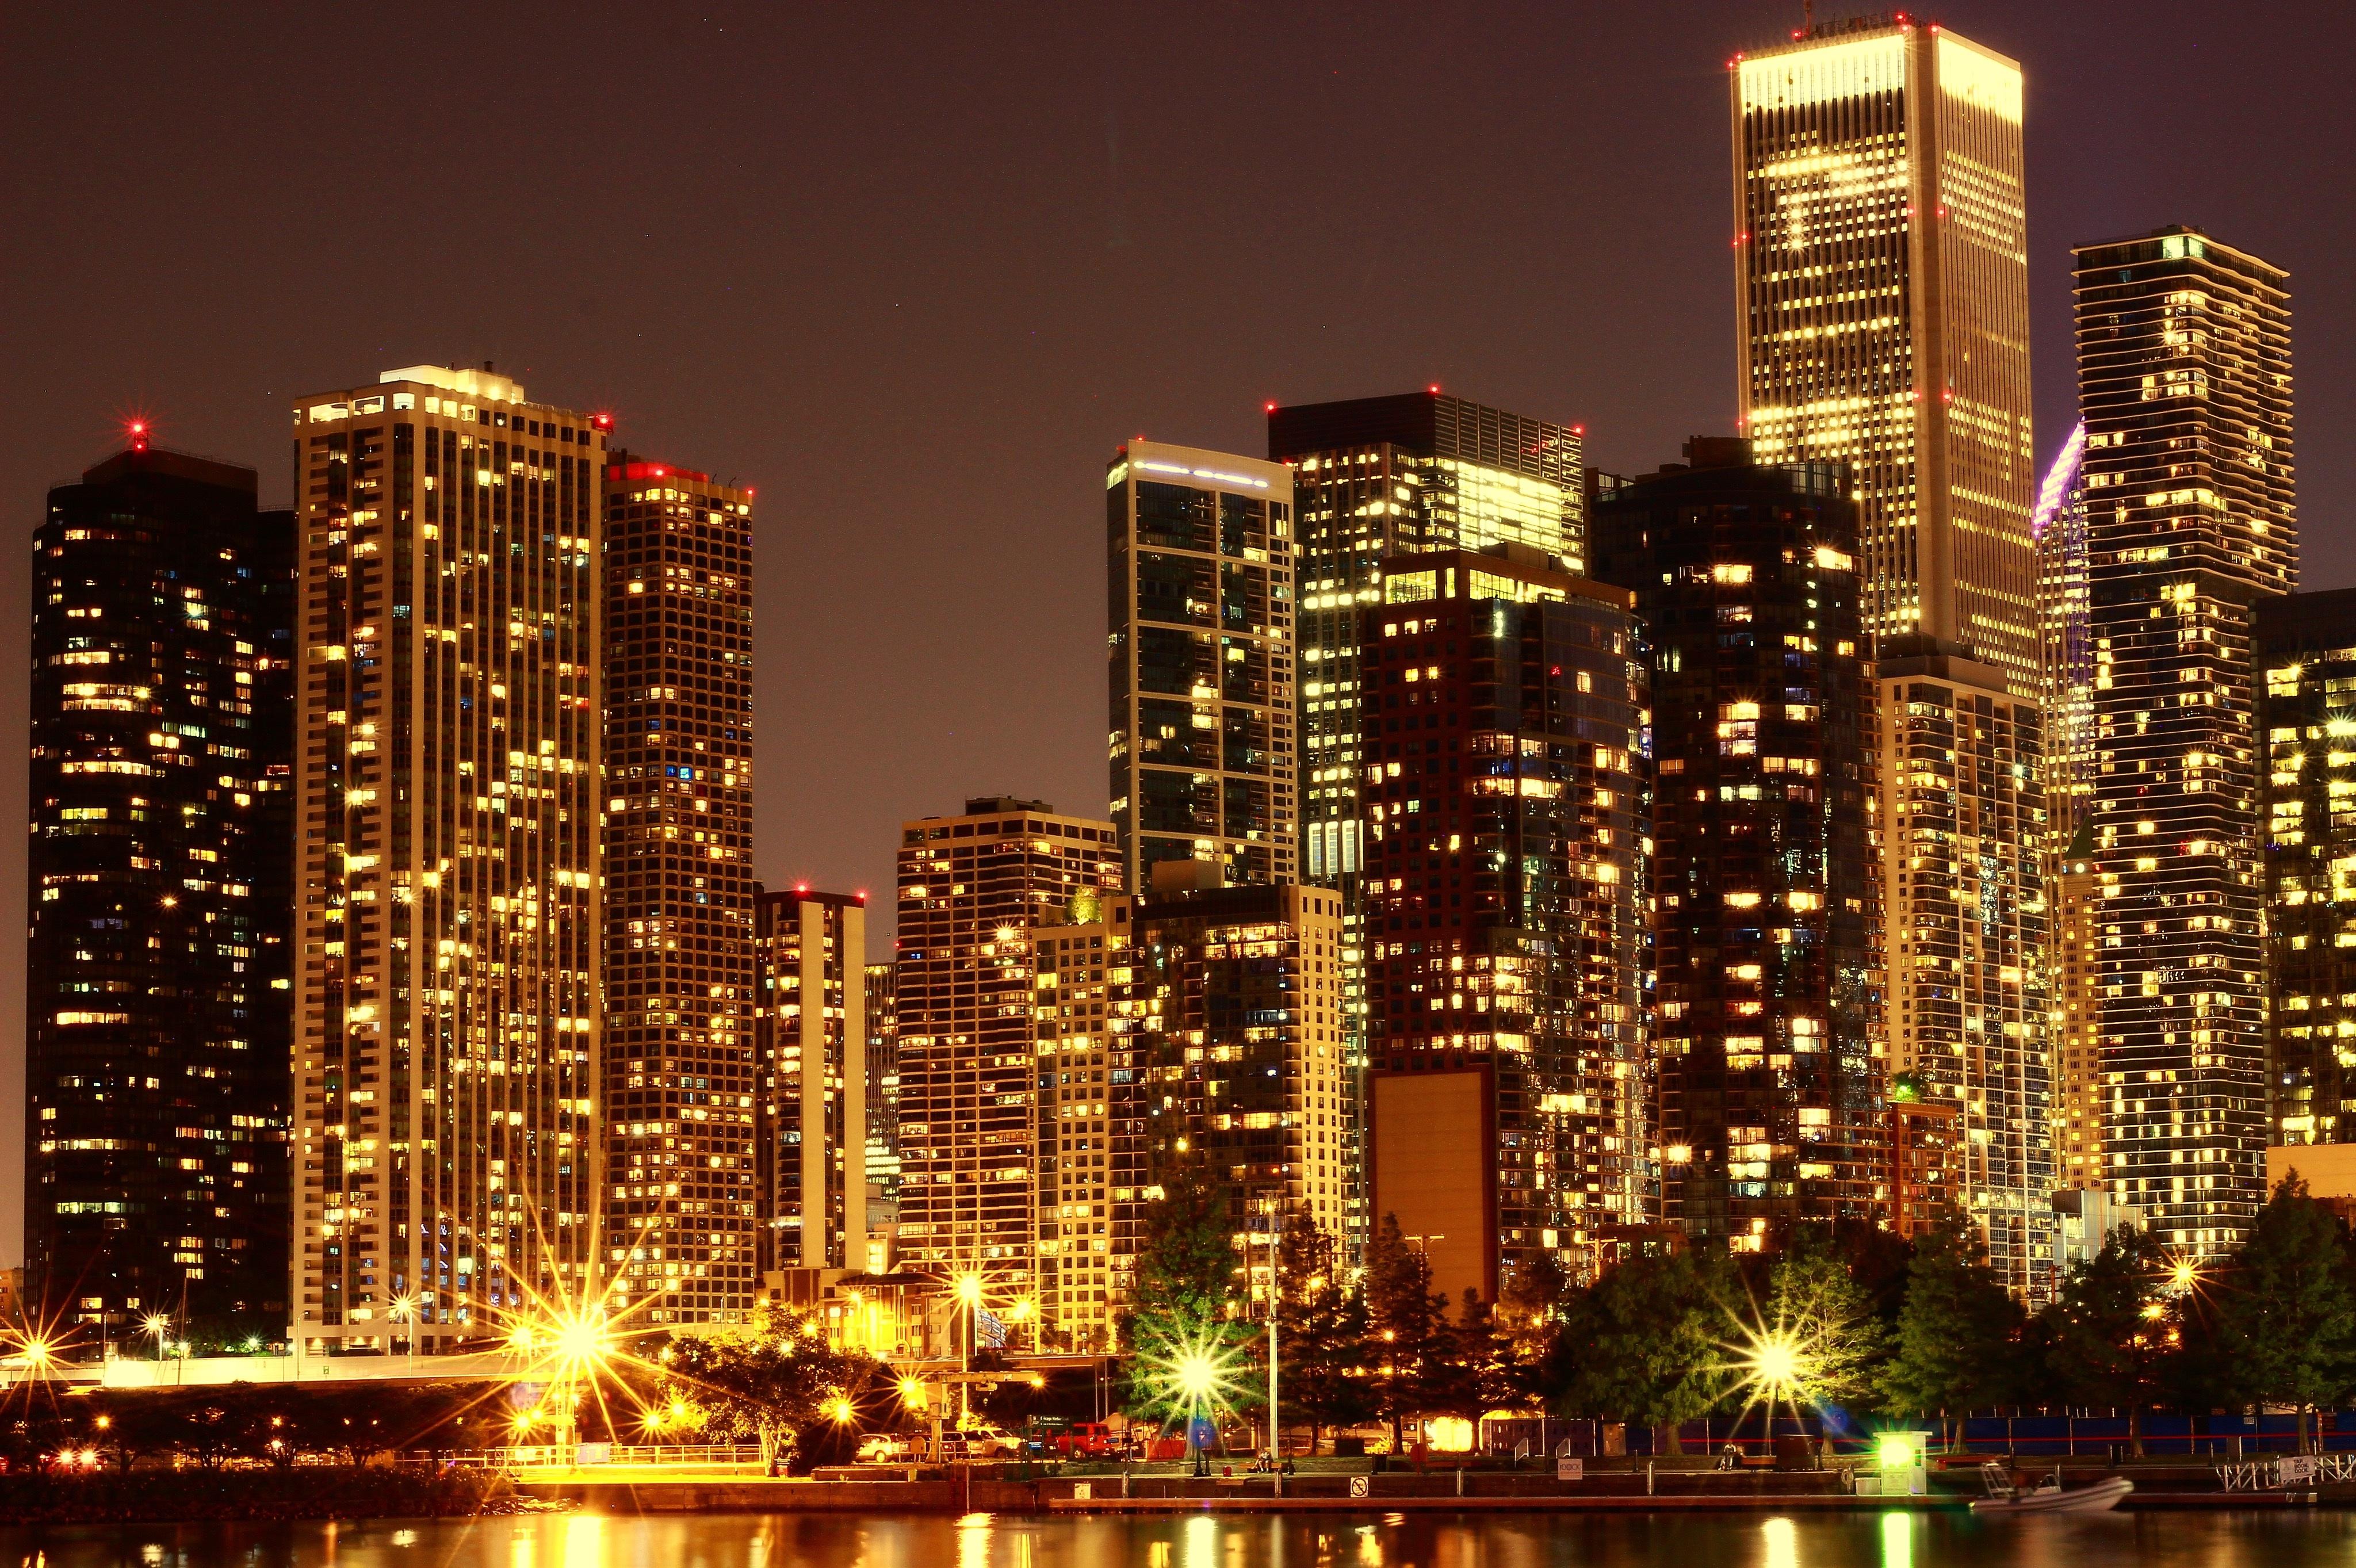 Красивый город фото вечер